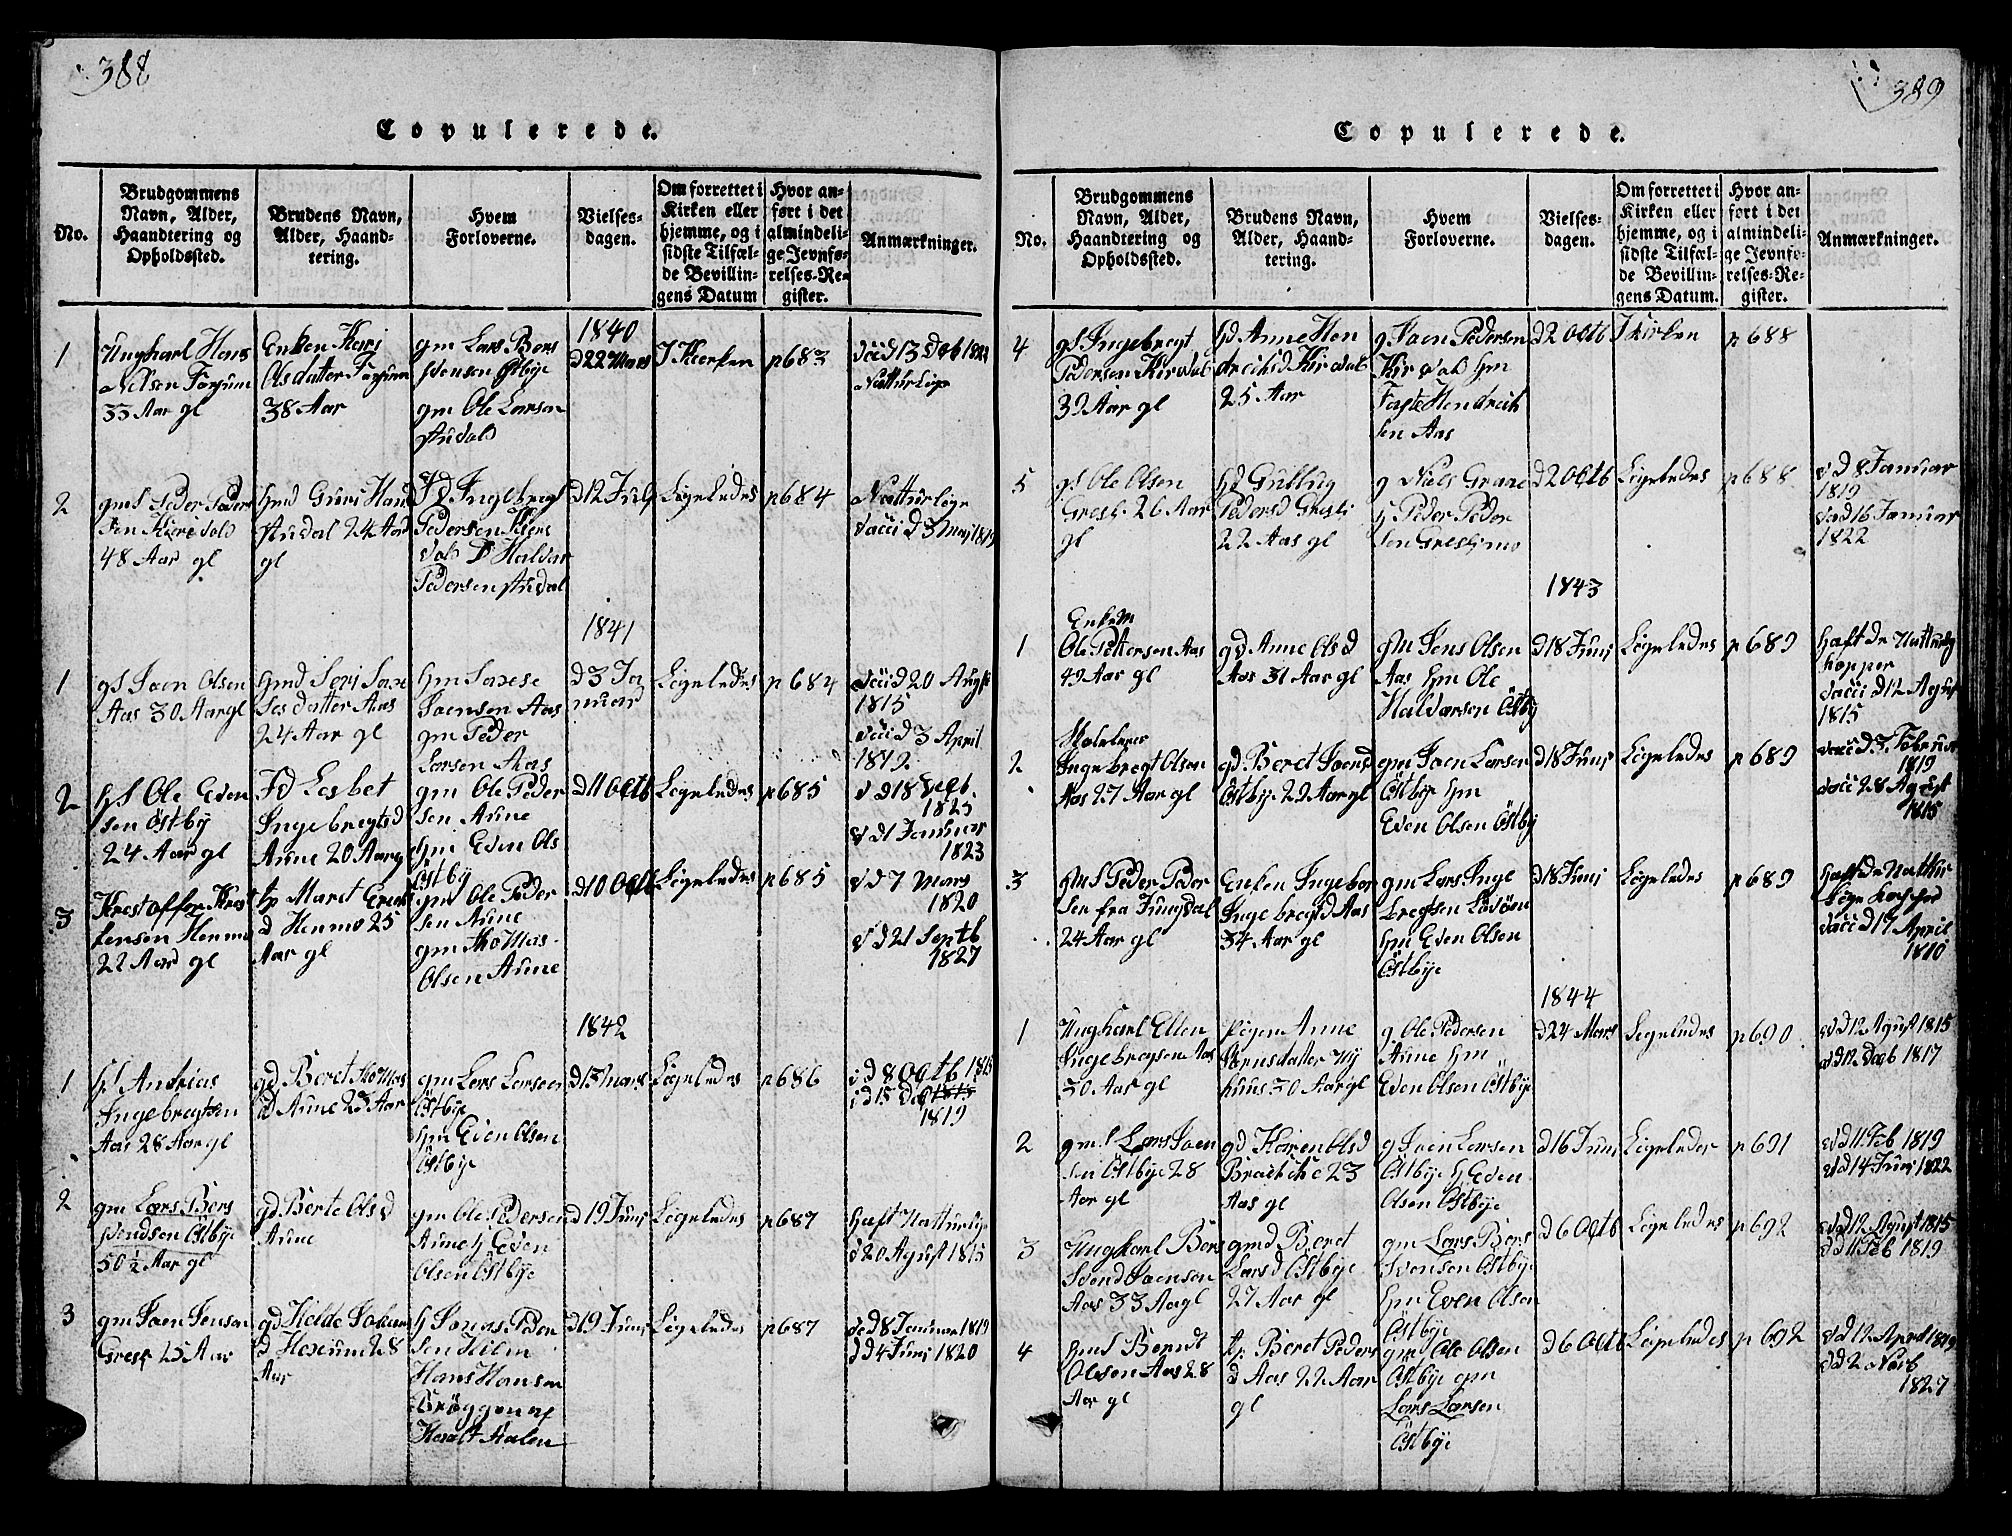 SAT, Ministerialprotokoller, klokkerbøker og fødselsregistre - Sør-Trøndelag, 698/L1164: Klokkerbok nr. 698C01, 1816-1861, s. 388-389